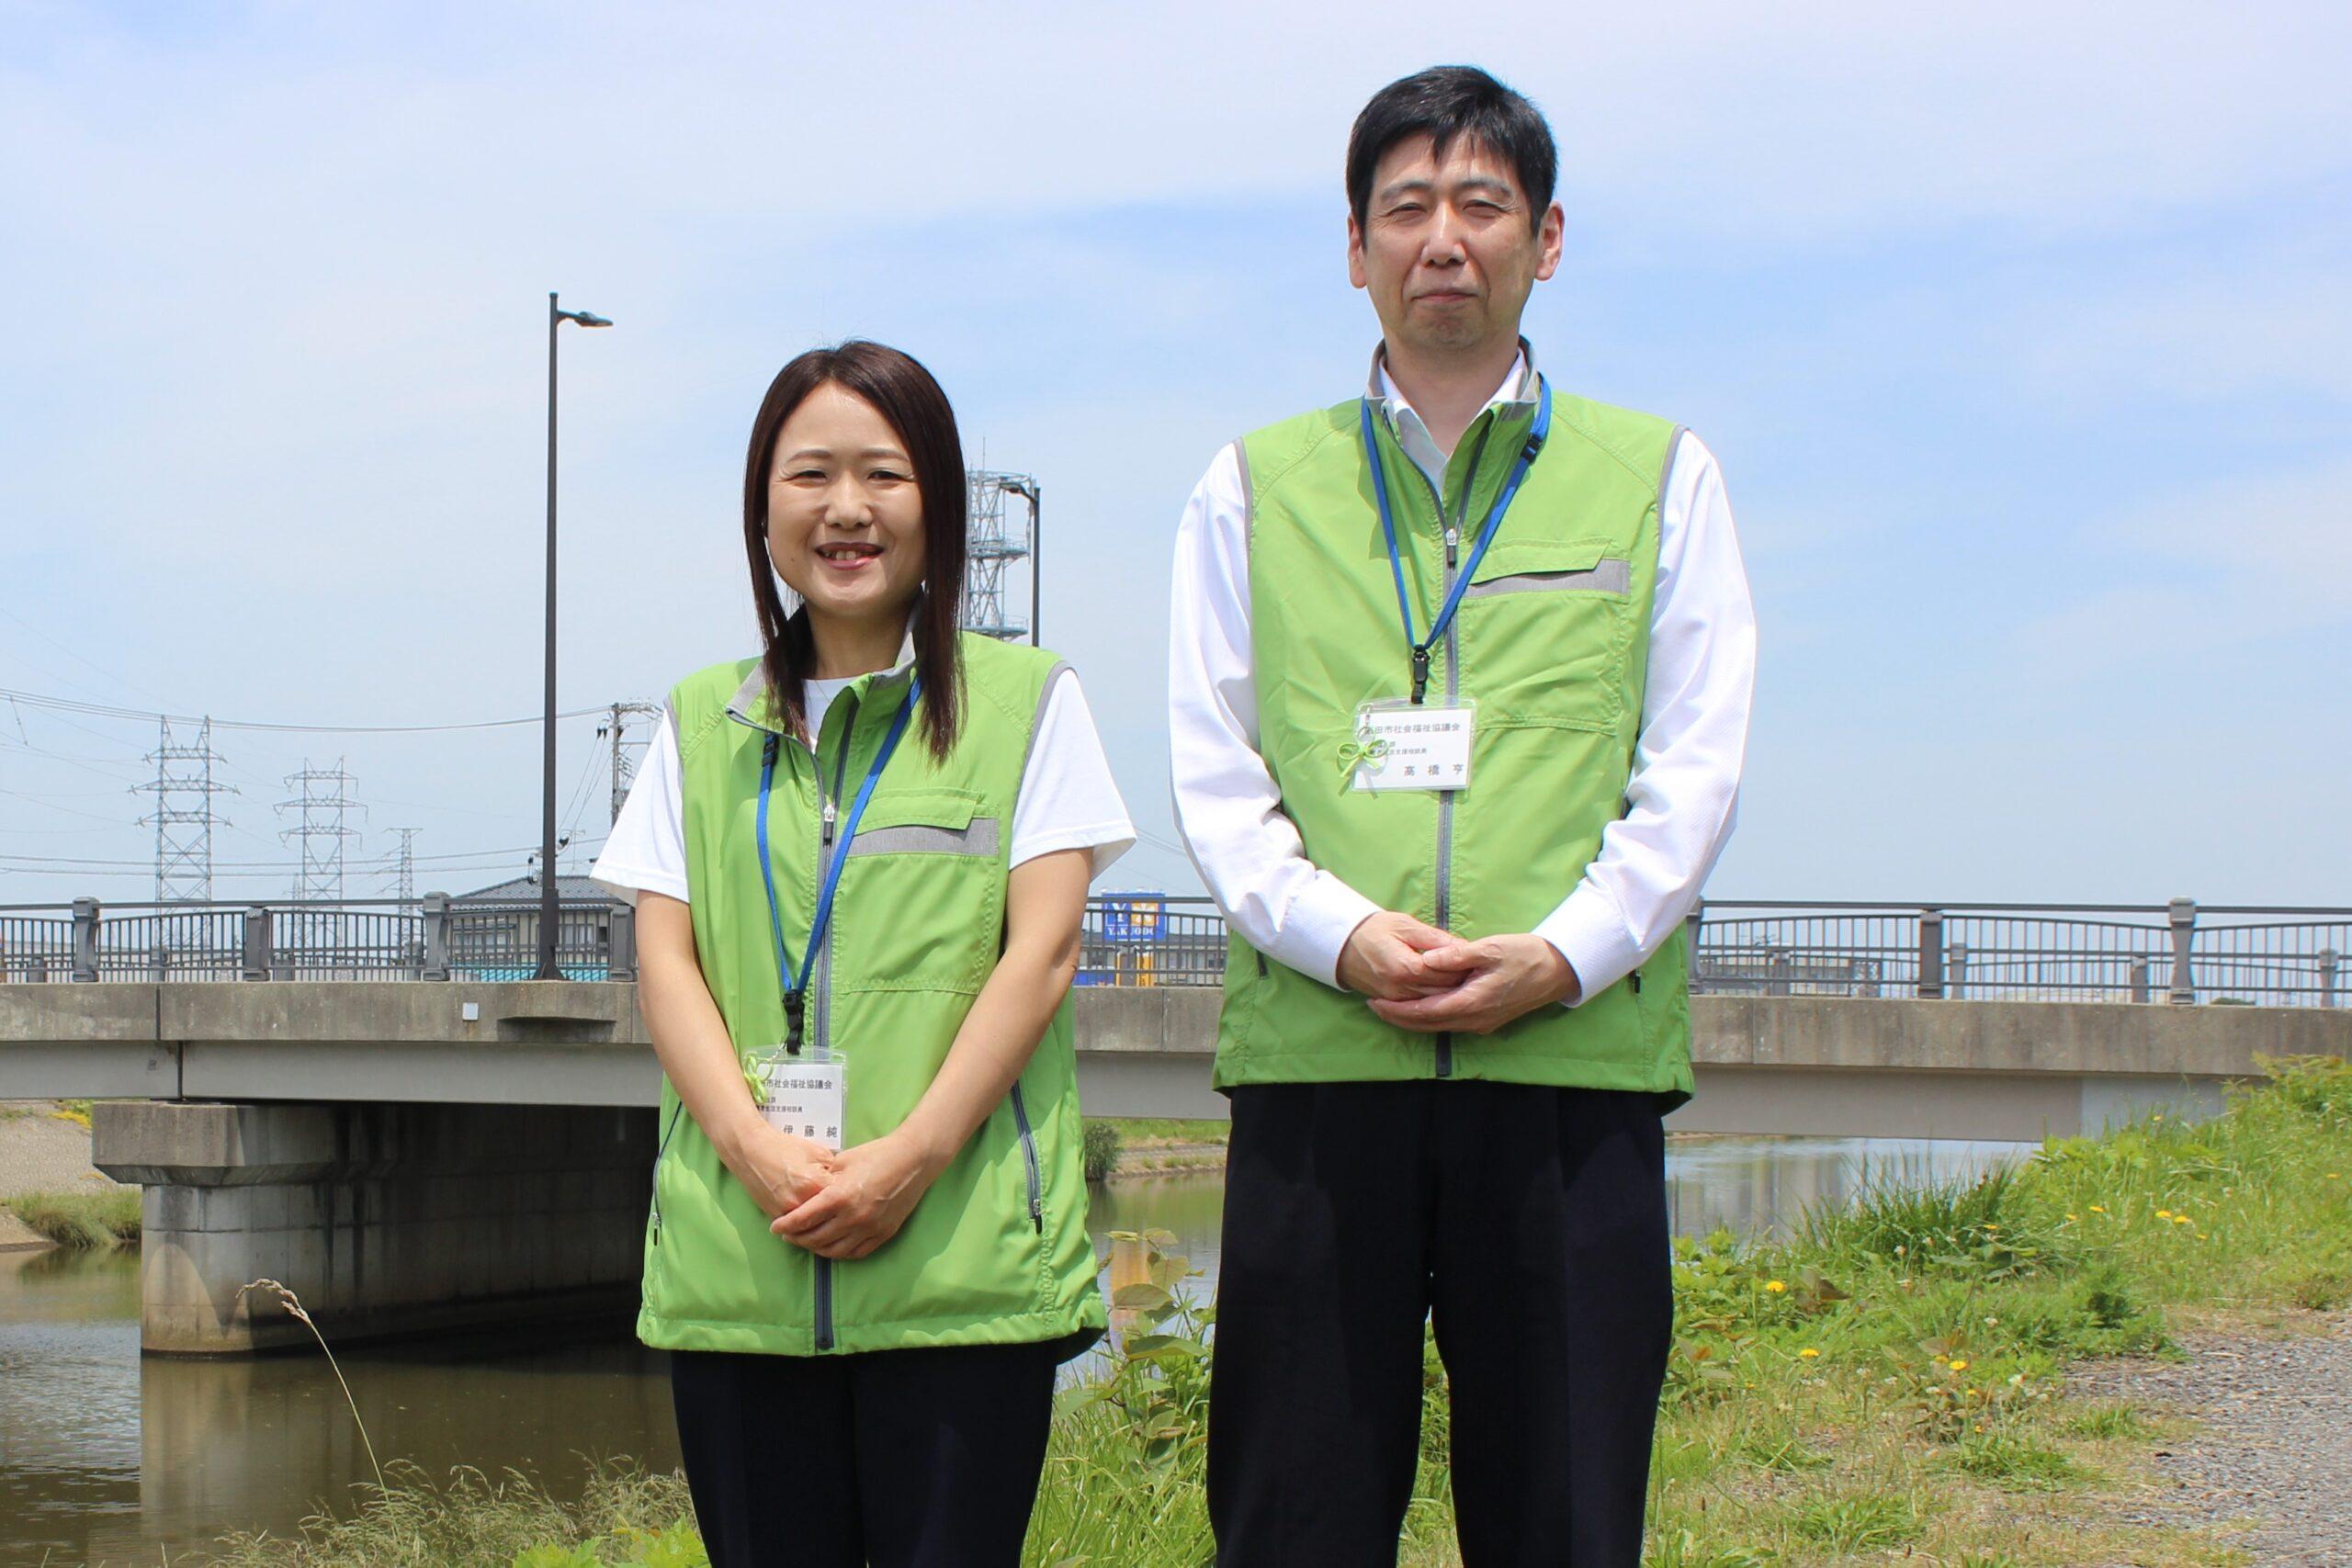 避難者生活支援相談員 高橋 亨さん/伊藤 純さん